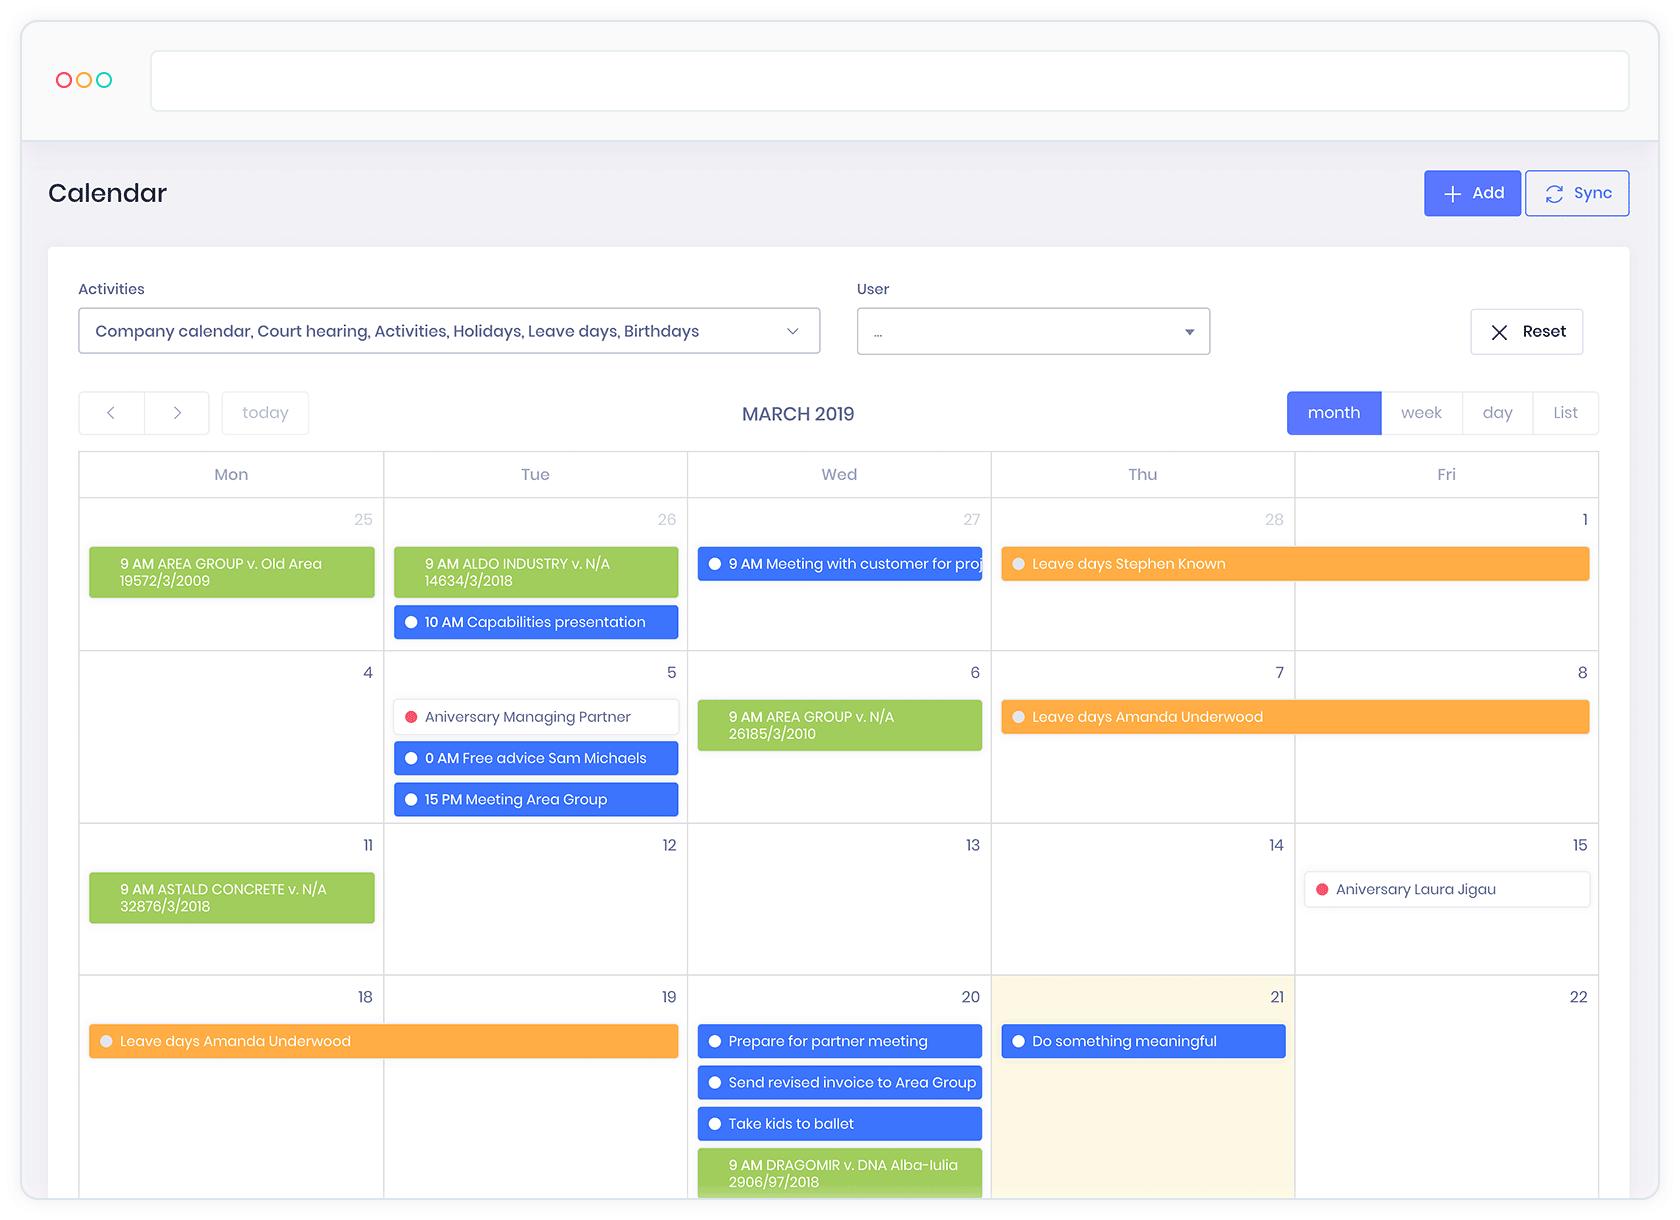 litigii-calendar